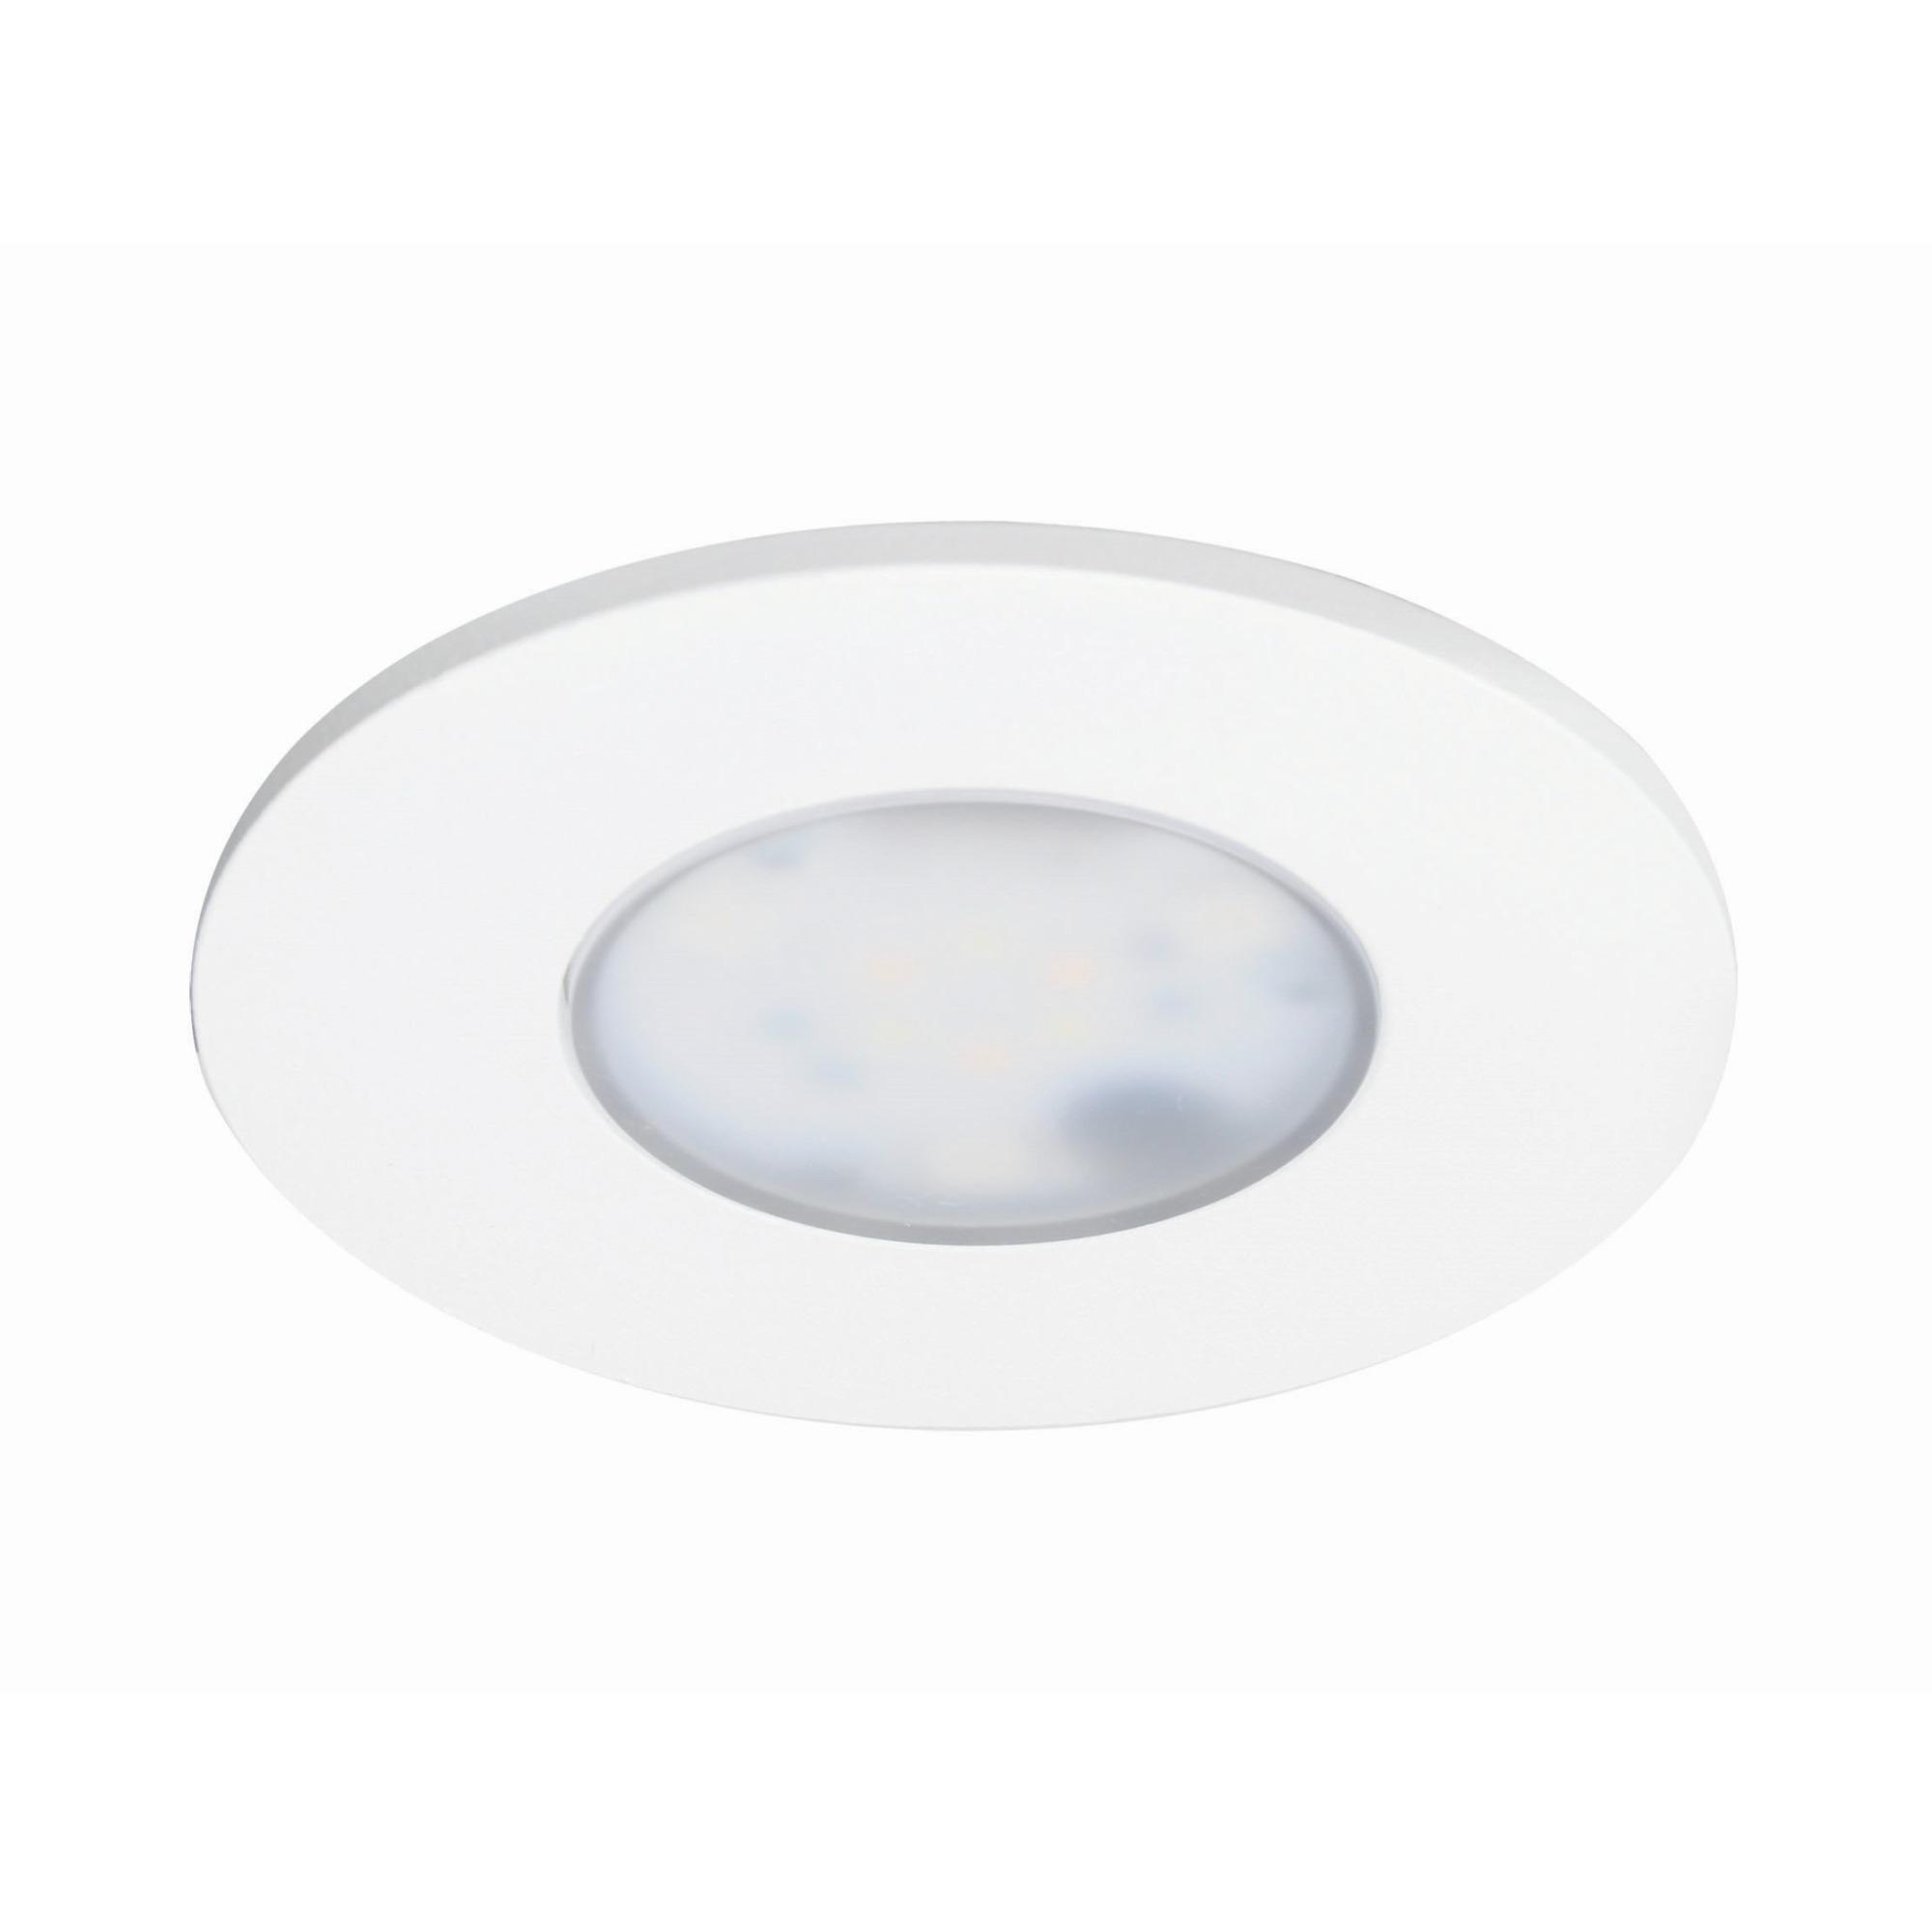 iDual Performa LED badkamer inbouwspot 1 stuk dimbaar alu rond wit zonder afstandsbediening